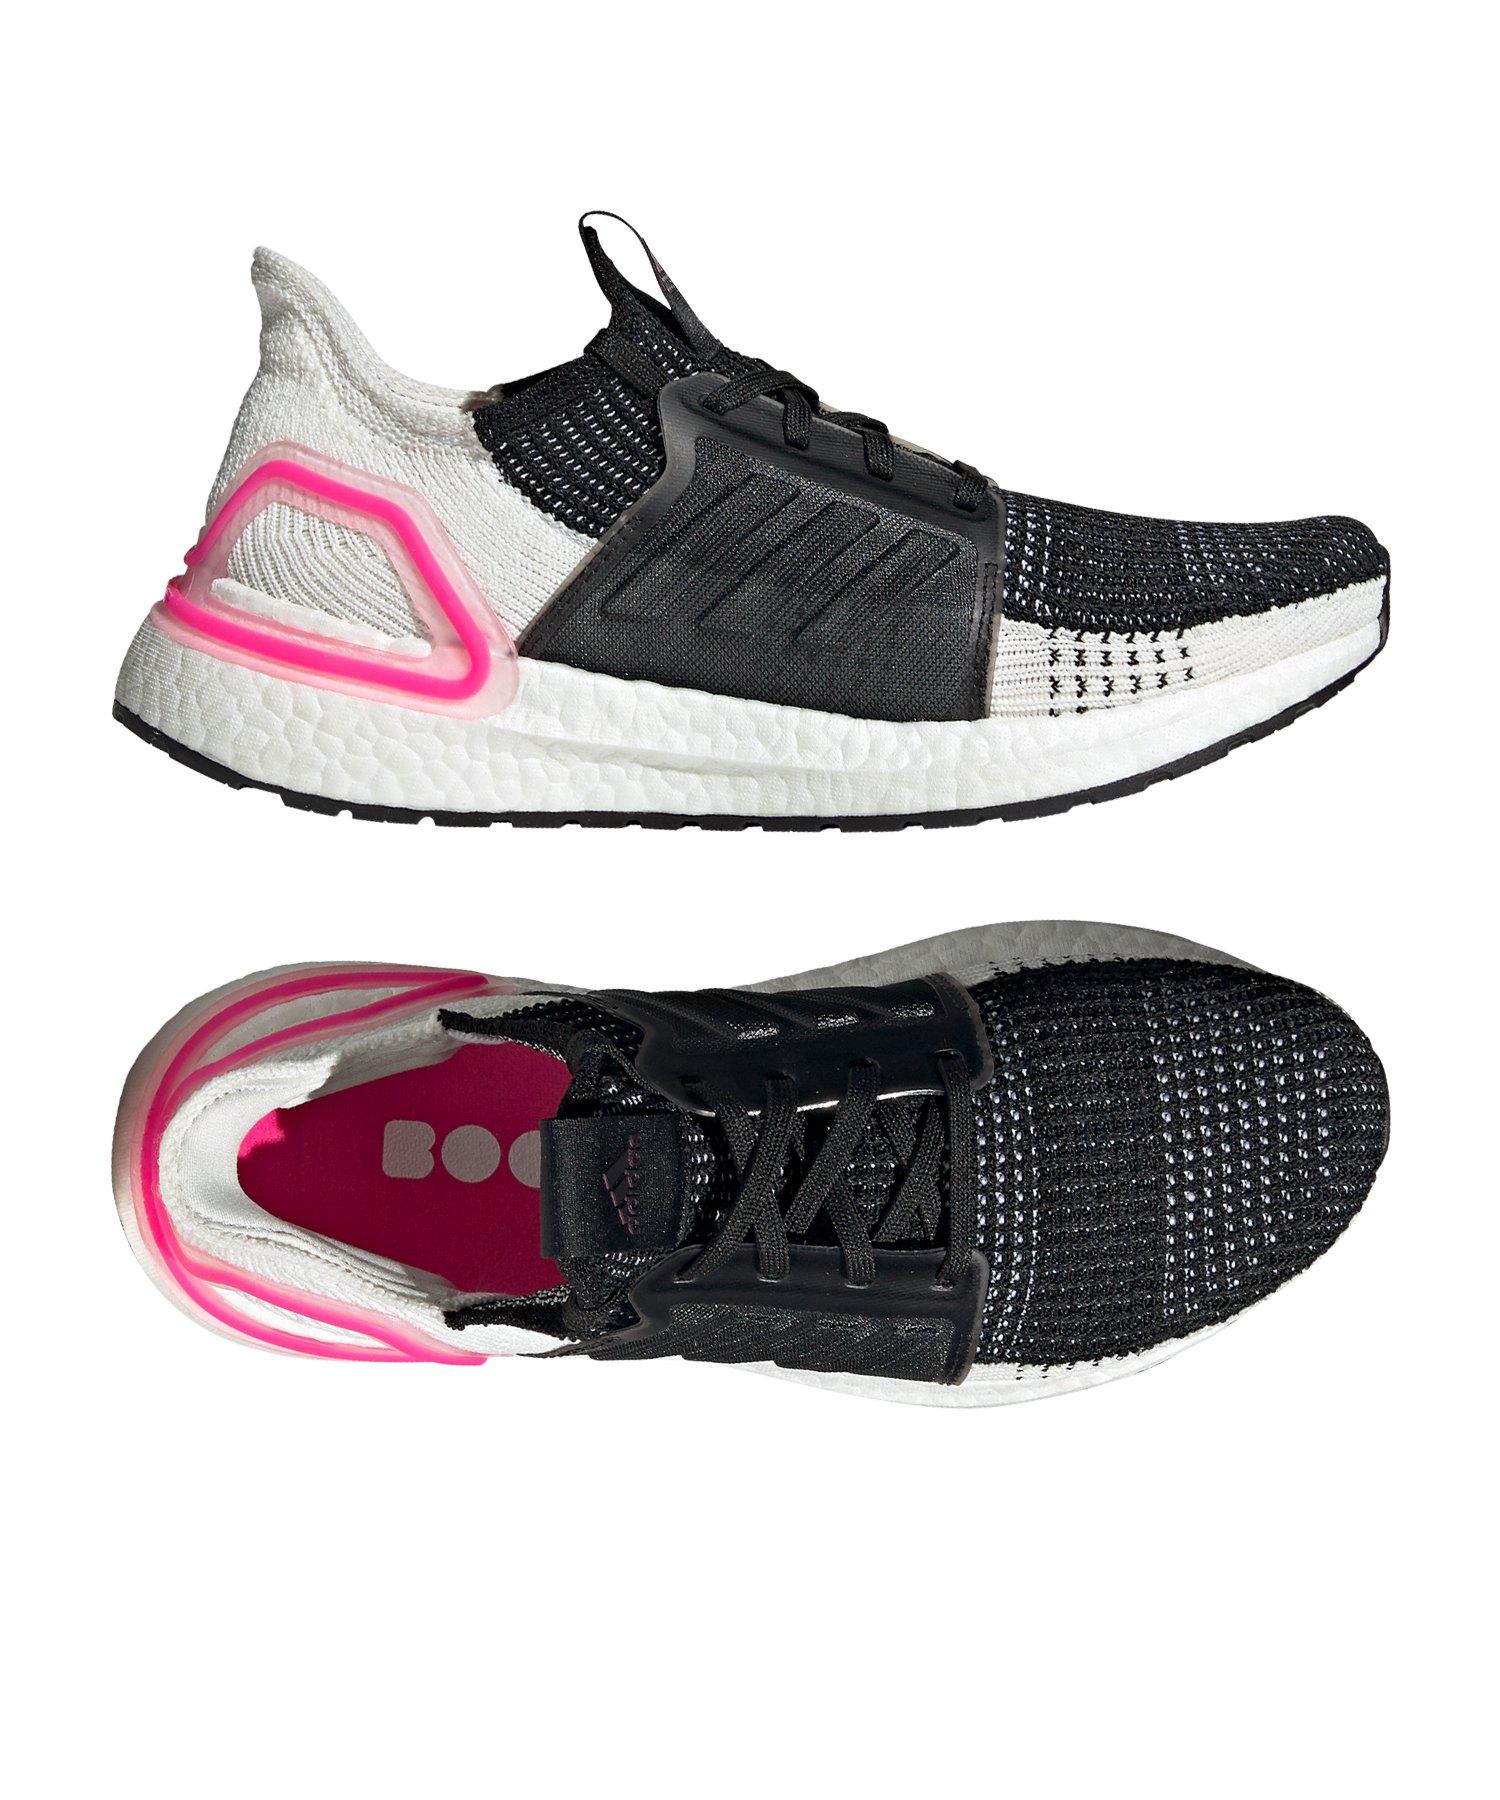 Pink Schuhe Pink Schwarz Schwarz Schuhe Weiß Adidas Adidas